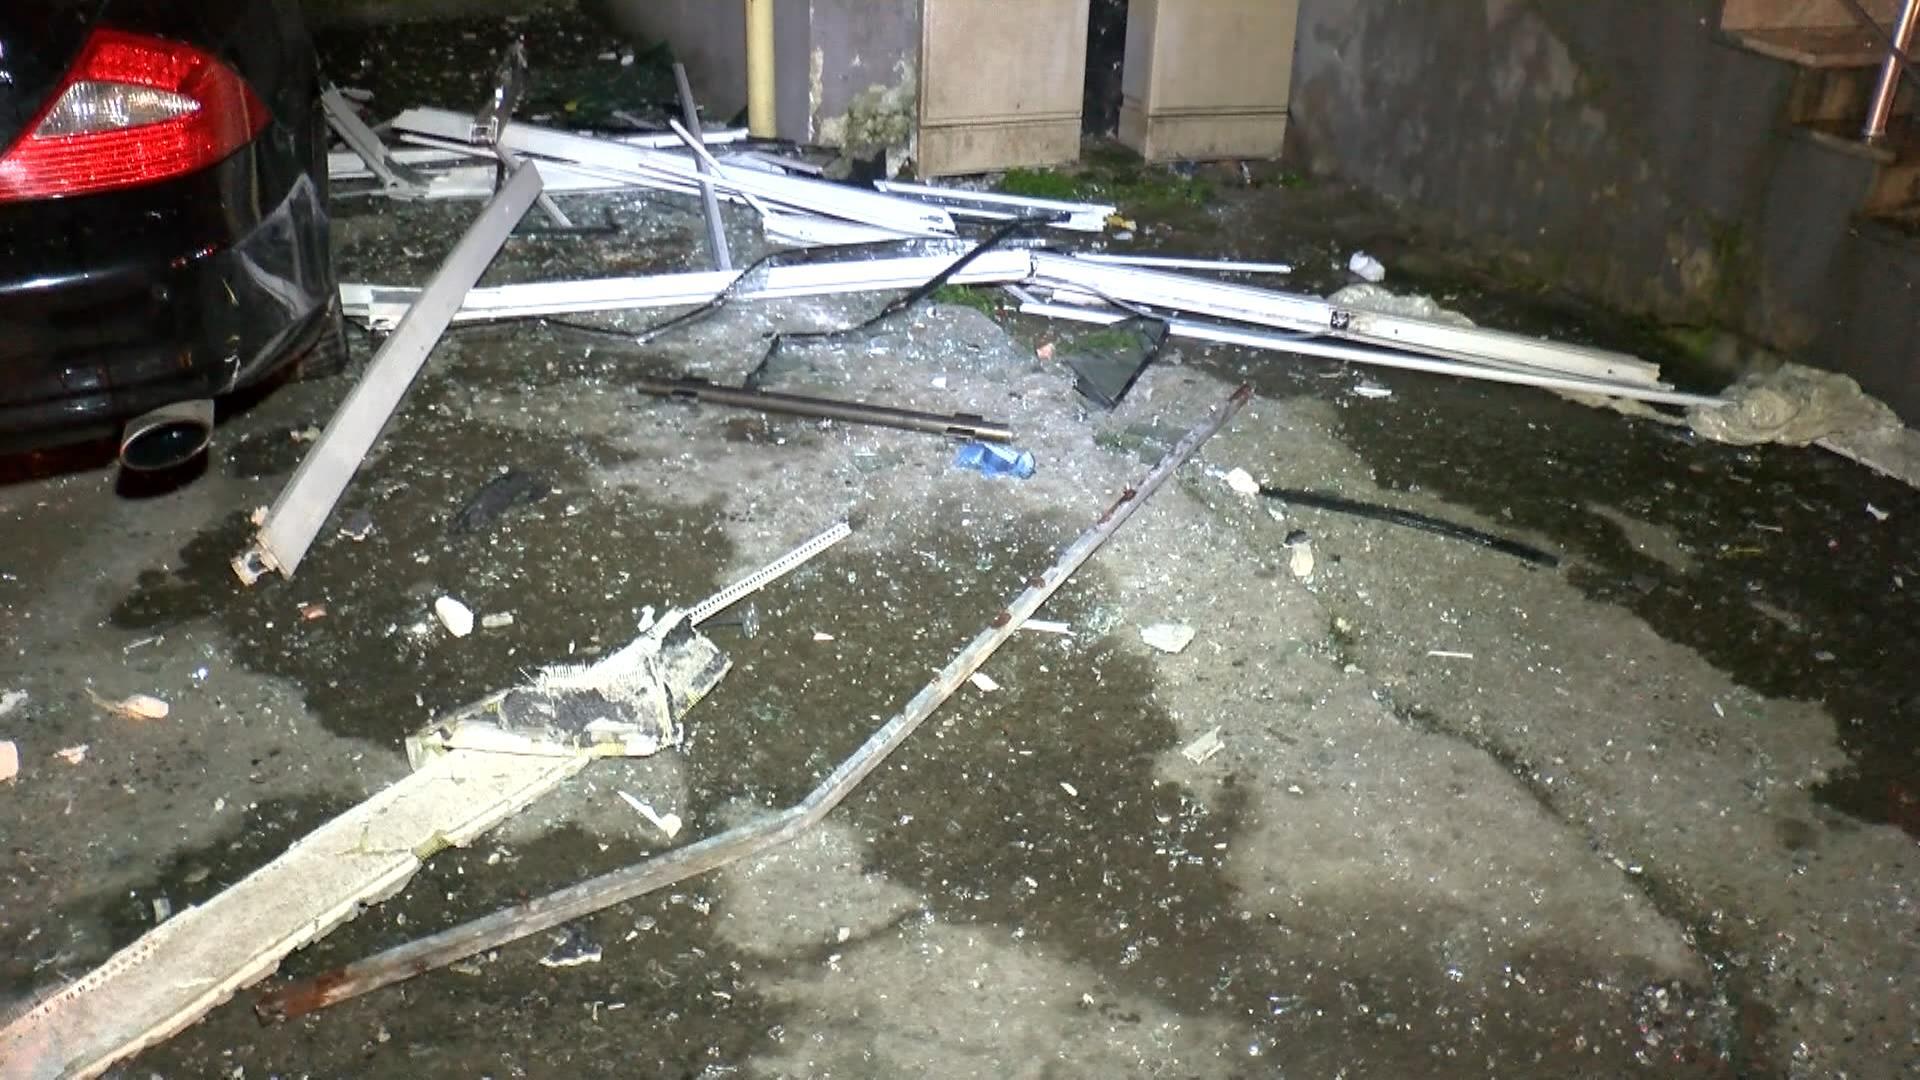 Esenyurt'ta 22 katlı binanın 9'uncu katında patlama: 5 yaralı